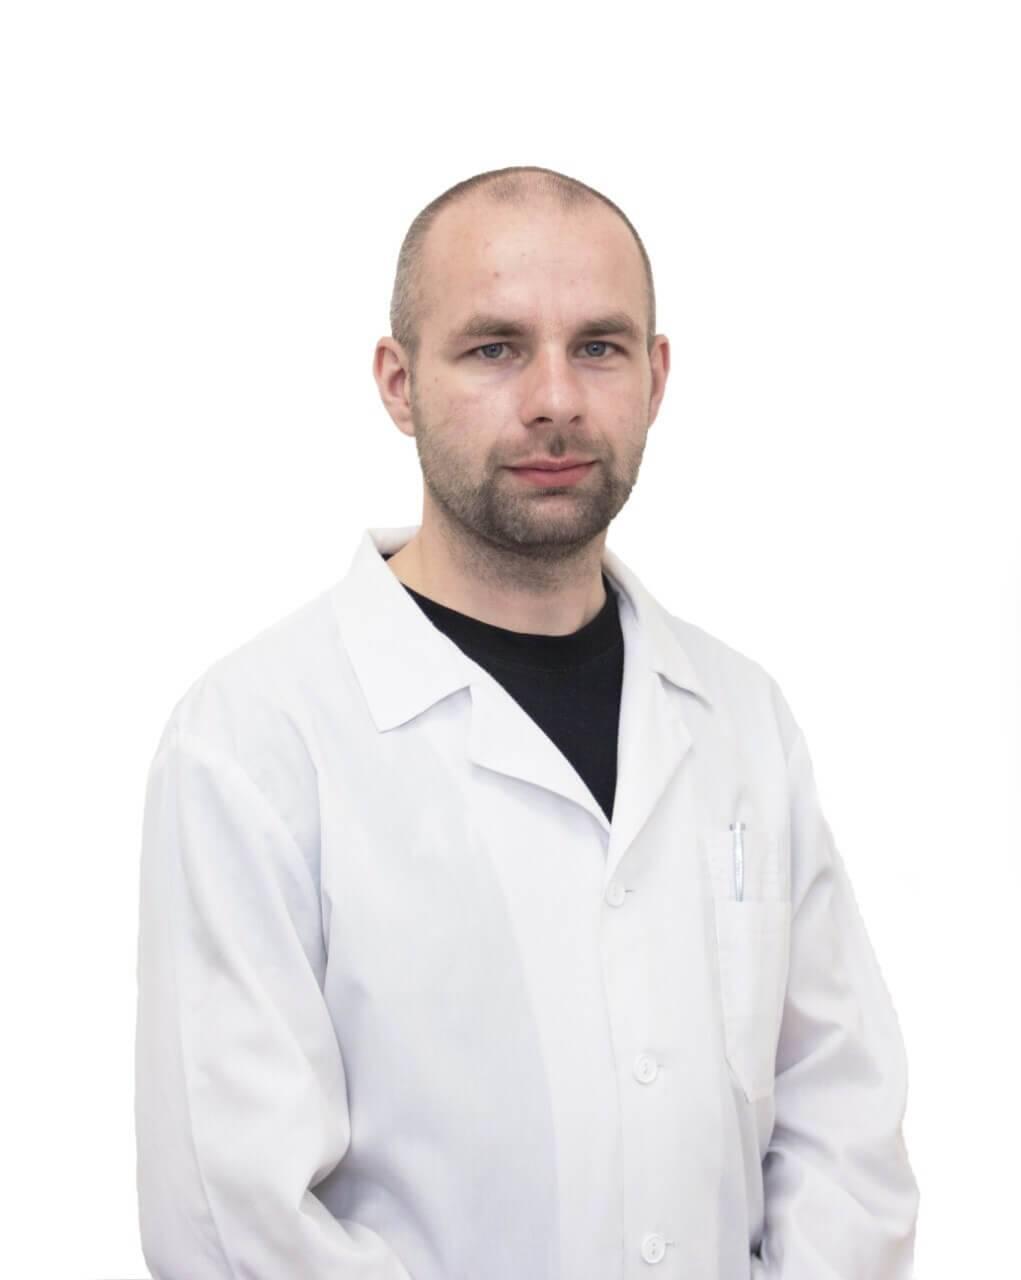 лікар Самойленко Андрій Михайлович: опис, відгуки, послуги, рейтинг, записатися онлайн на сайті h24.ua